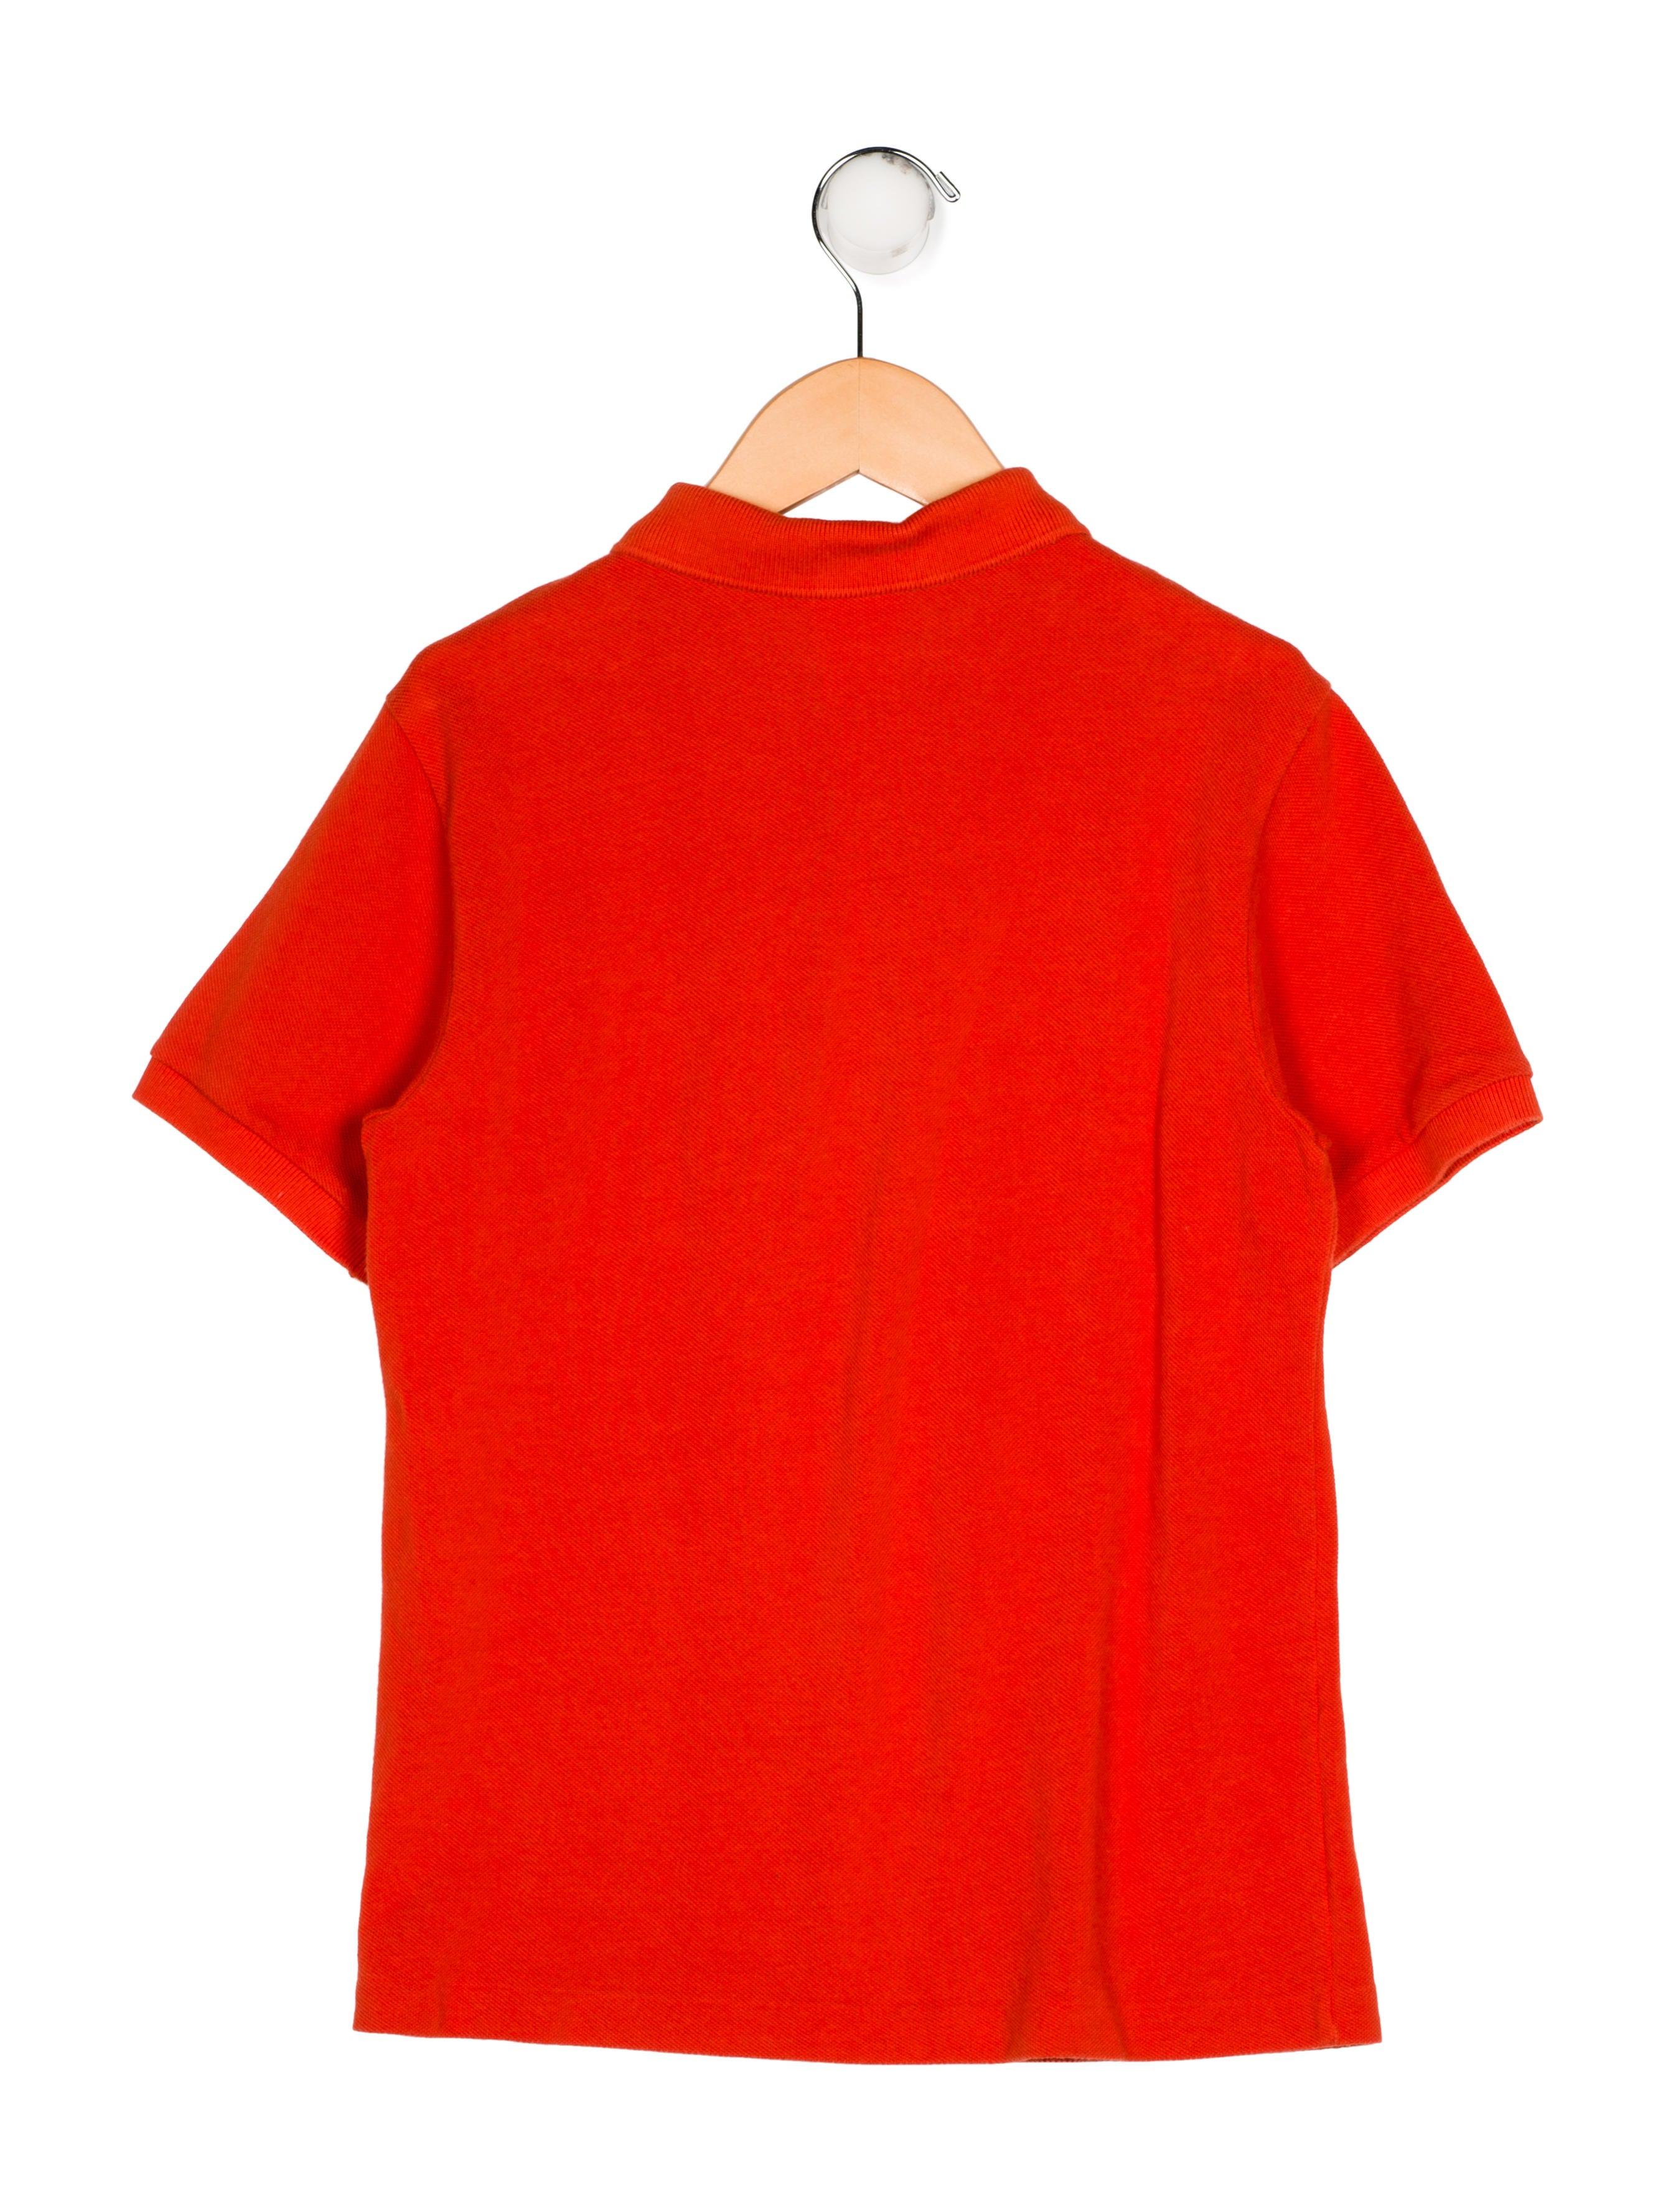 bf8403cec25836 Lacoste Boys  Collar Polo Shirt - Boys - WLCST20217